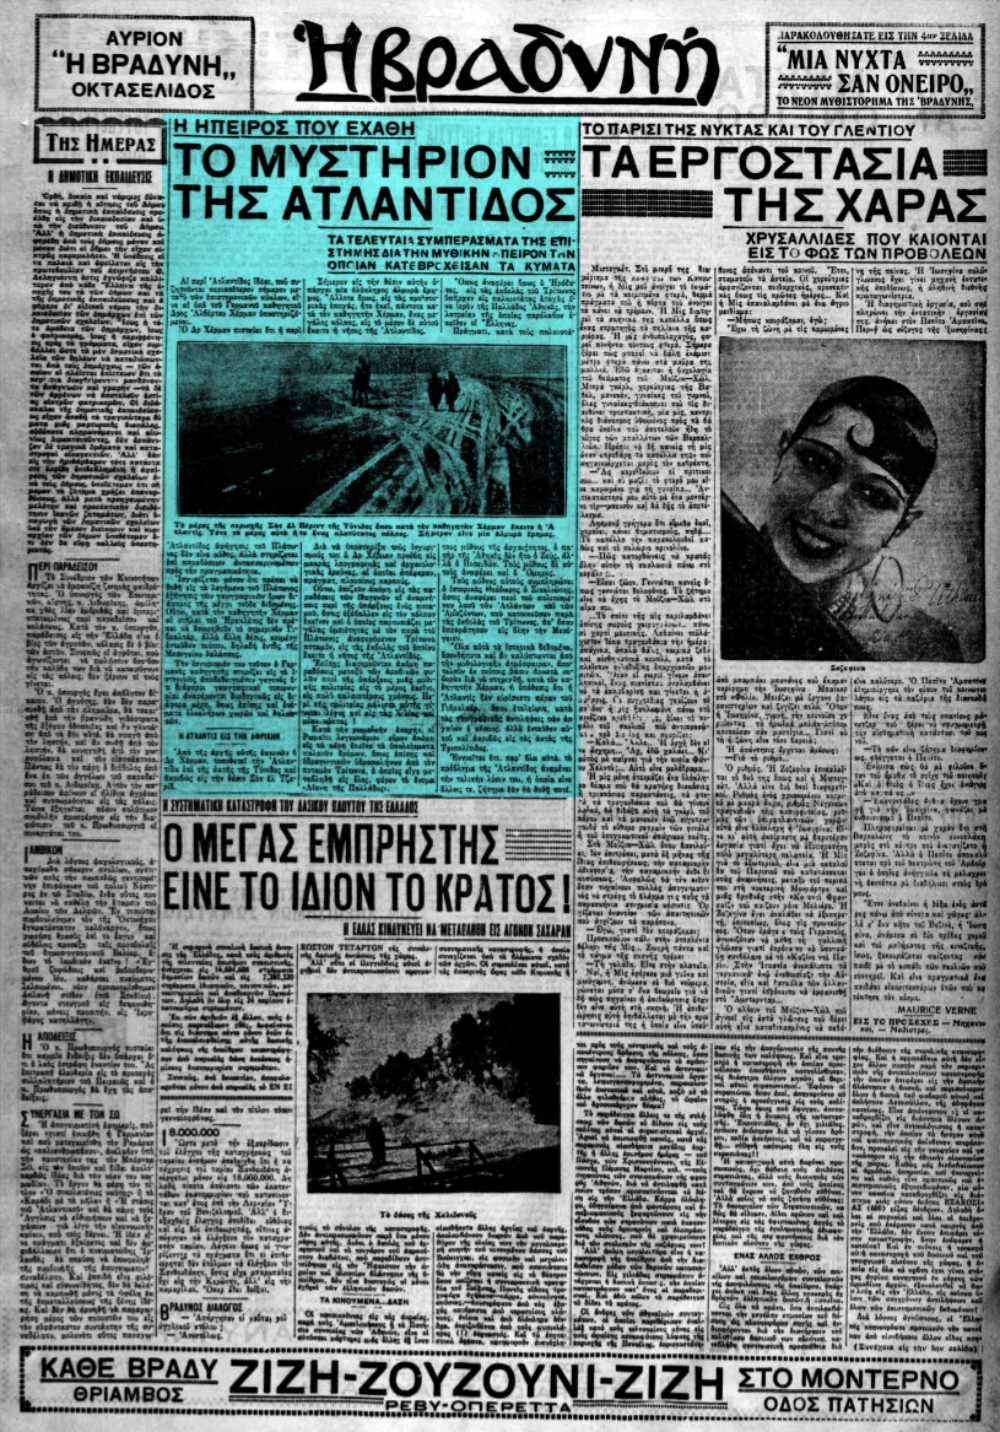 """Το άρθρο, όπως δημοσιεύθηκε στην εφημερίδα """"Η ΒΡΑΔΥΝΗ"""", στις 18/09/1931"""